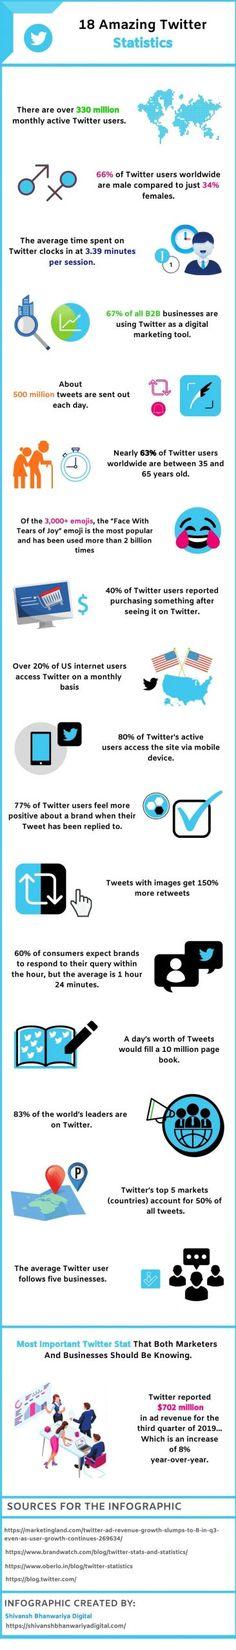 Το Twitter ιδρύθηκε το 2006, και είναι ένα online site κοινωνικής δικτύωσης που επιτρέπει στους χρήστες του να μοιράζονται σύντομα μηνύματα μεταξύ τους. Τι χωρίζει το Twitter από το πακέτοκοινωνικής δικτύωσης είναι η αναγκαστική συντομία των μηνυμάτων του. Γνωστή ως Tweets, κάθε tweet δεν μπορεί να είναι μεγαλύτερο από 140 χαρακτήρες. Τα Tweets μπορούν να […] The post Τι είναι το twitter και πώς μπορώ να το χρησιμοποιήσω; appeared first on wemedia digital marketing.